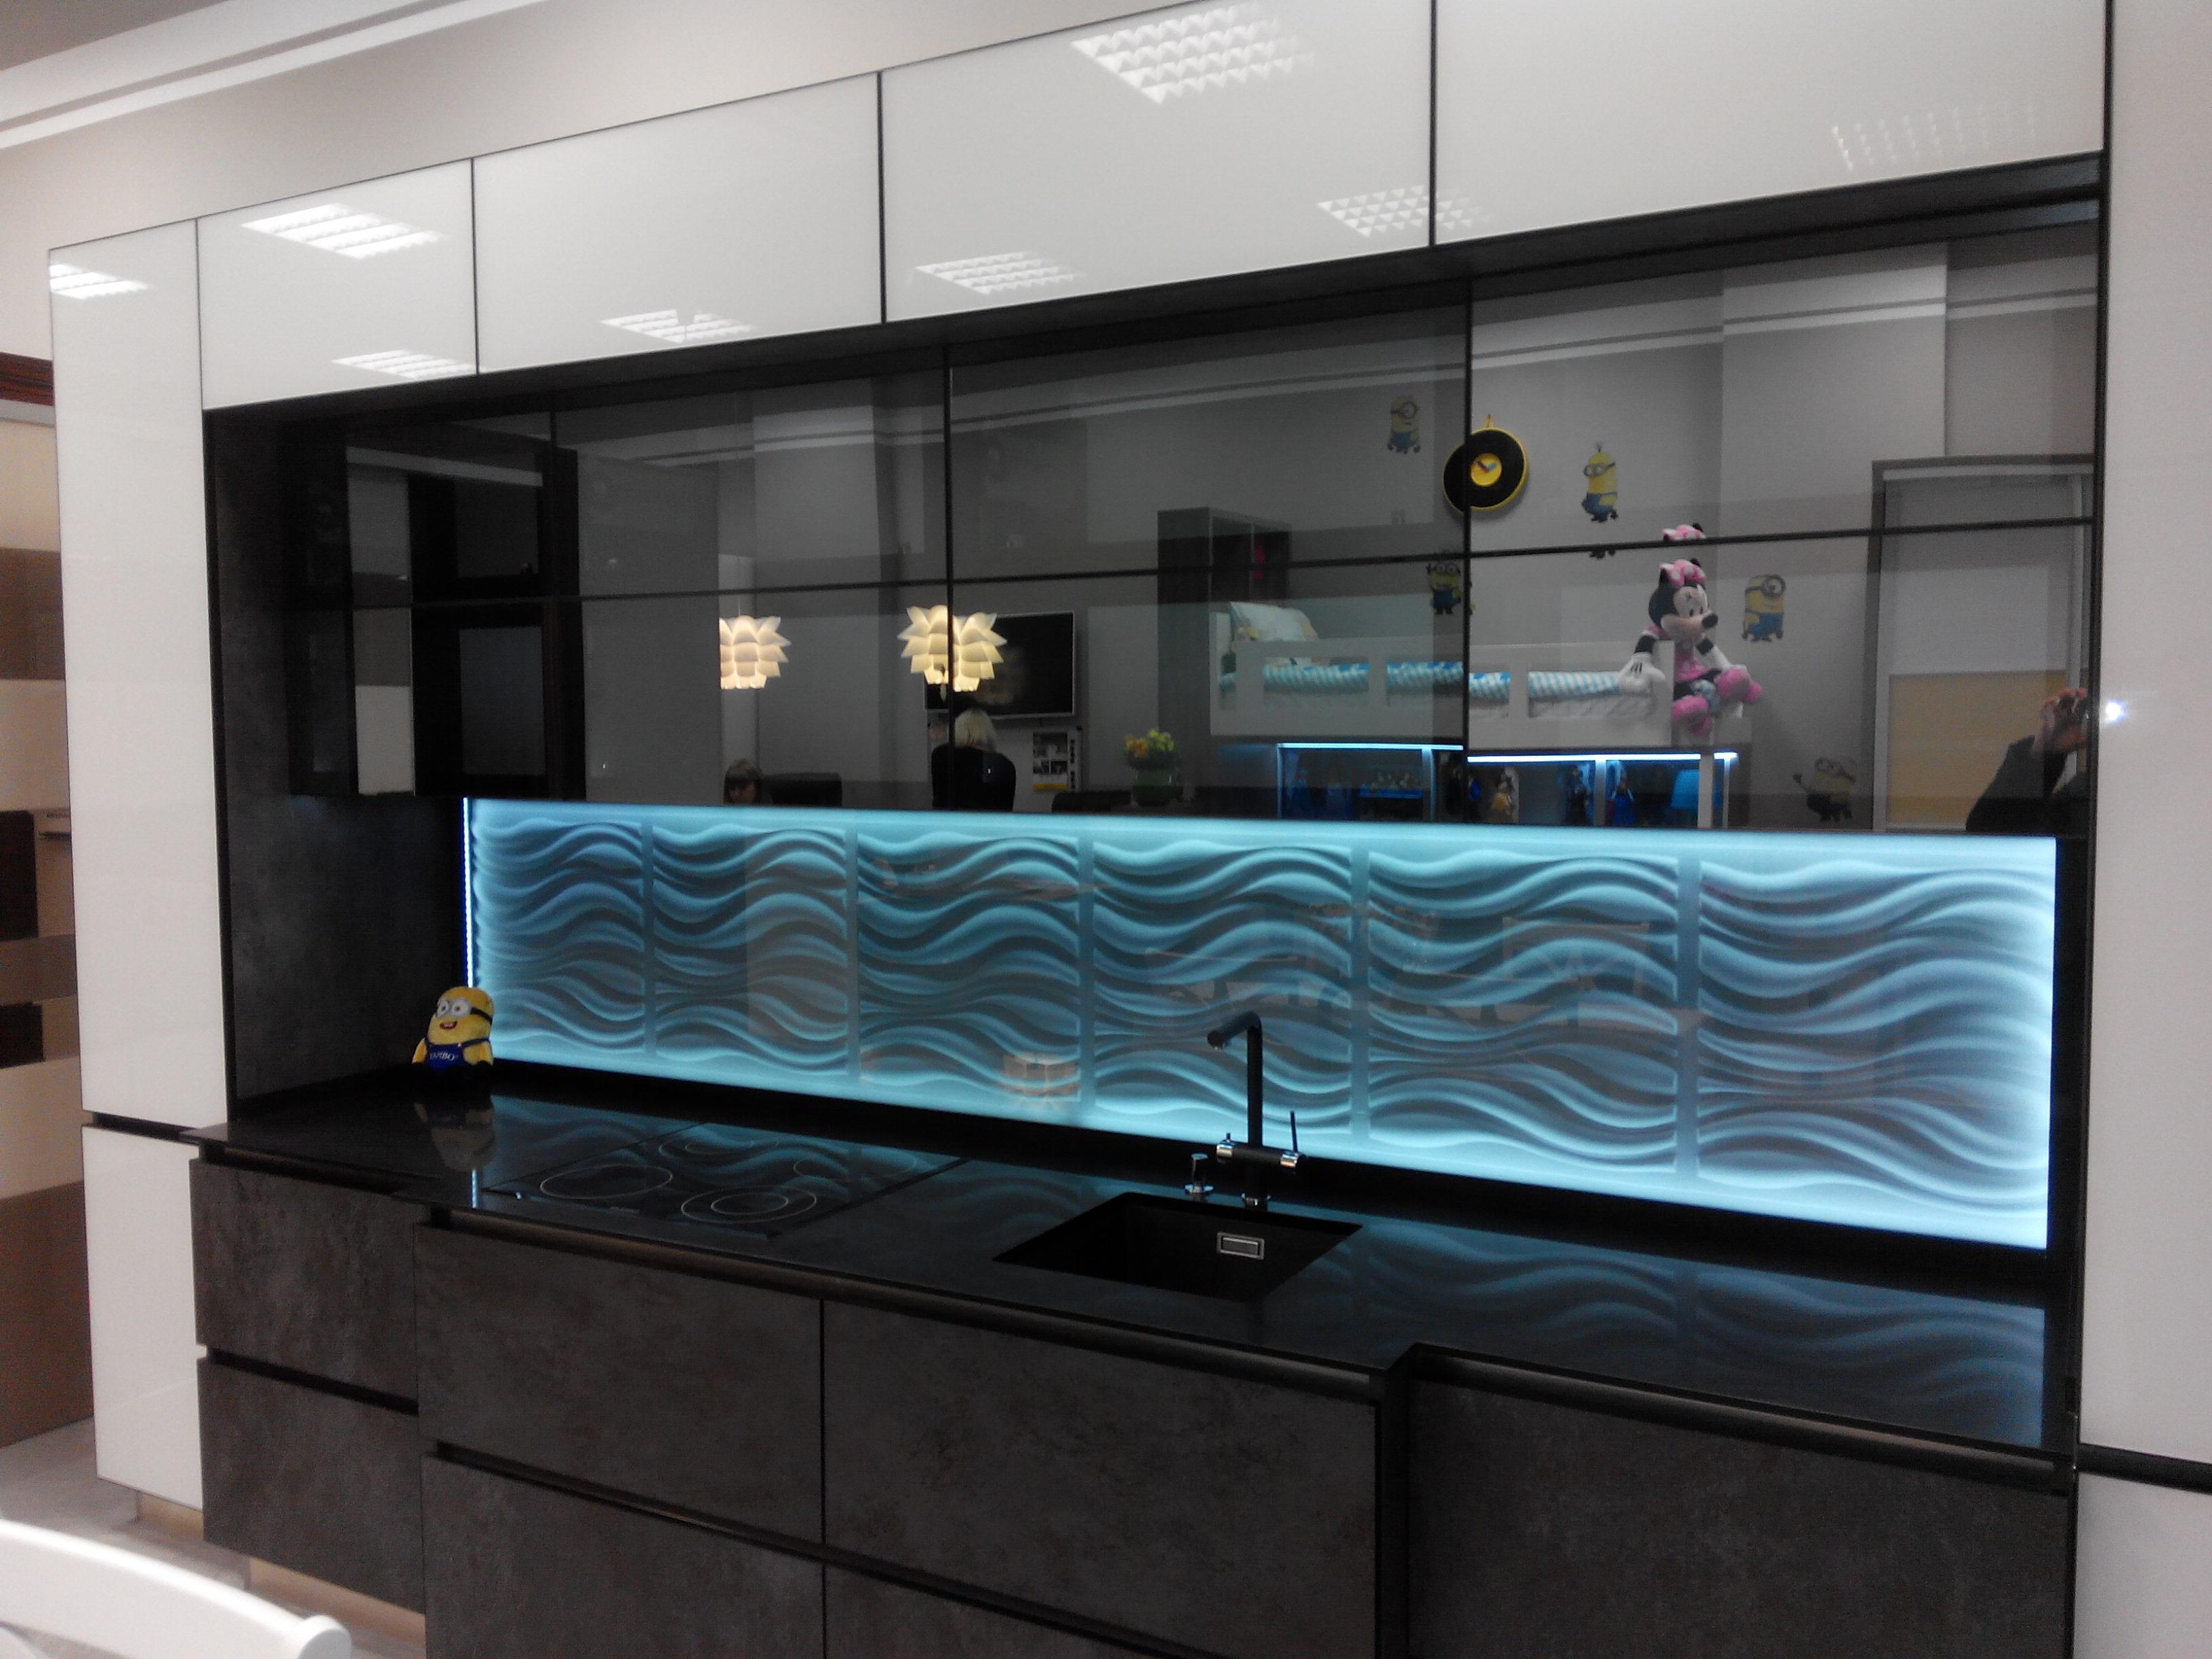 kuhnya iz krashennogo stekla i kuhonnogo fartuka iz 3d paneley ot kompanii Sagrado .